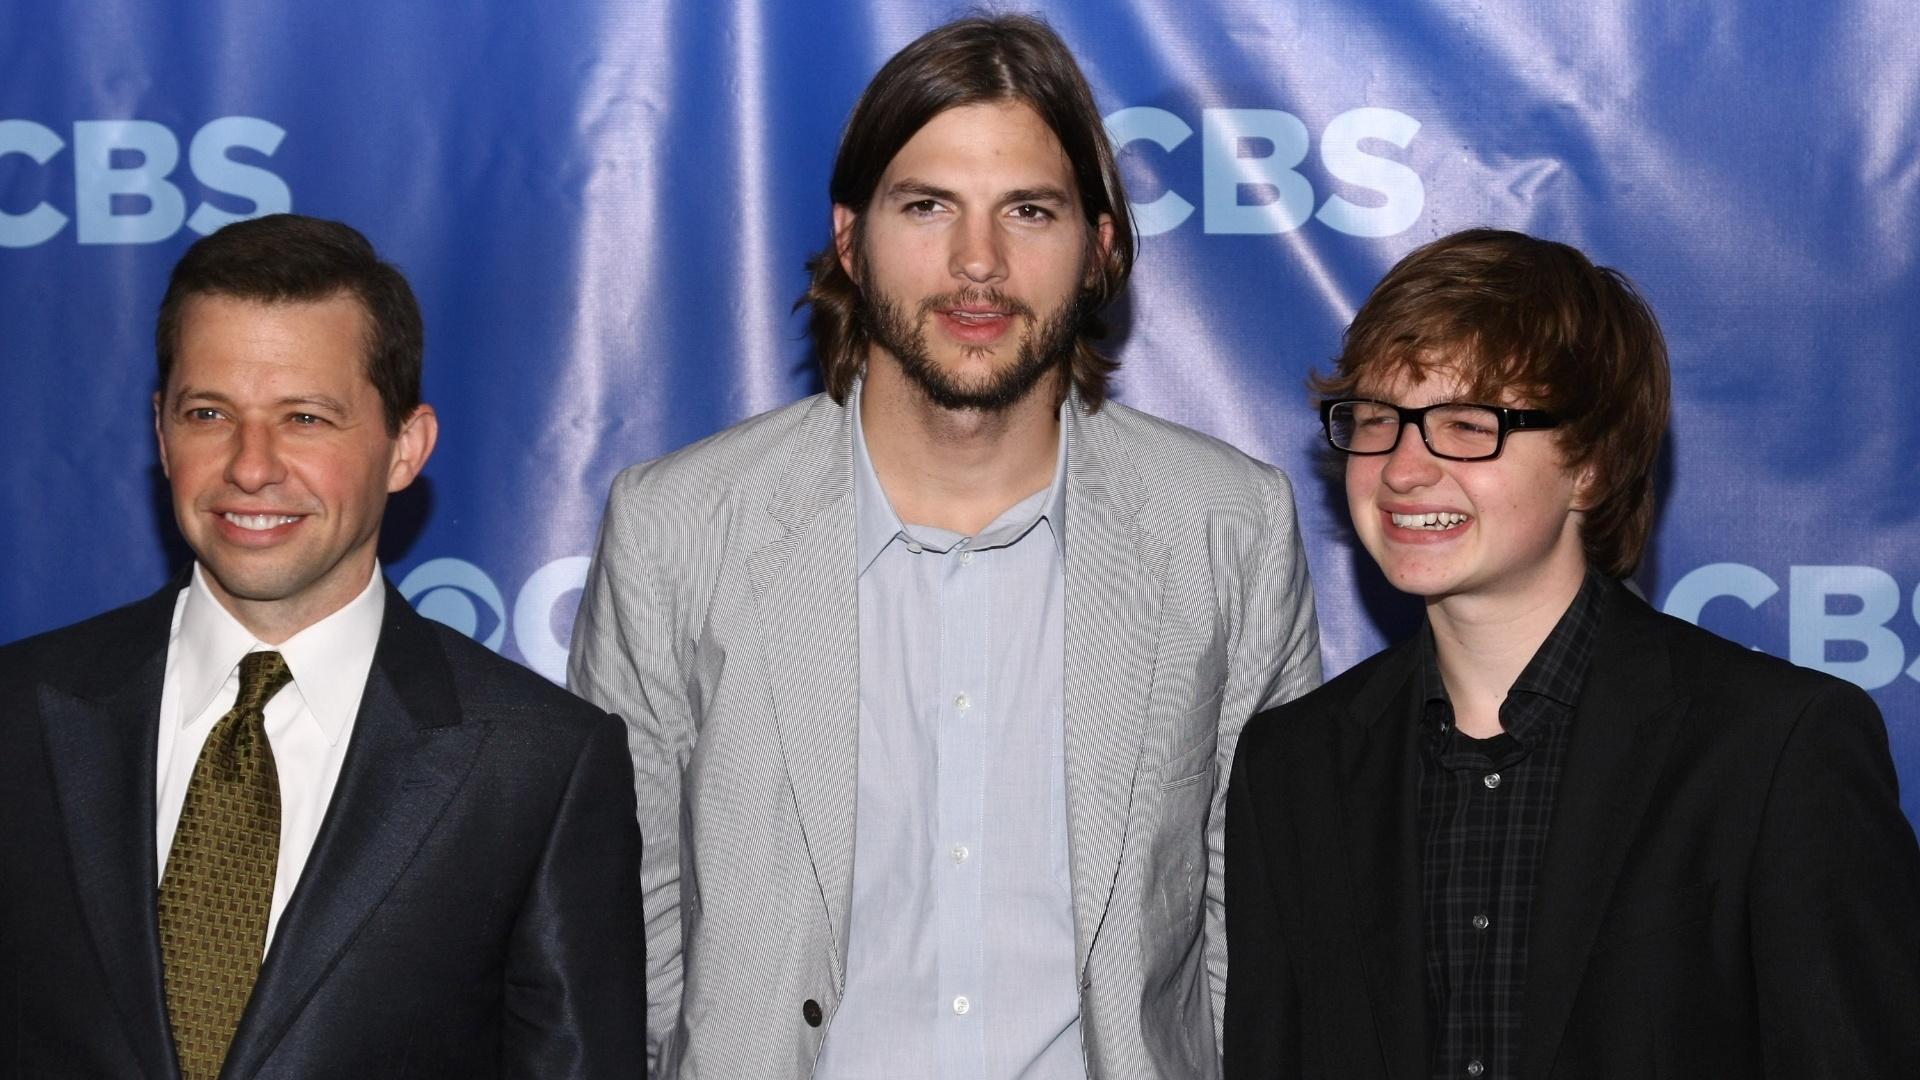 16.out.2013 - Os atores Jon Cryer, Ashton Kutcher e Angus T. Jones aparecem na lista da Forbes entre os atores mais bem pagos da TV norte-americana em 2013.